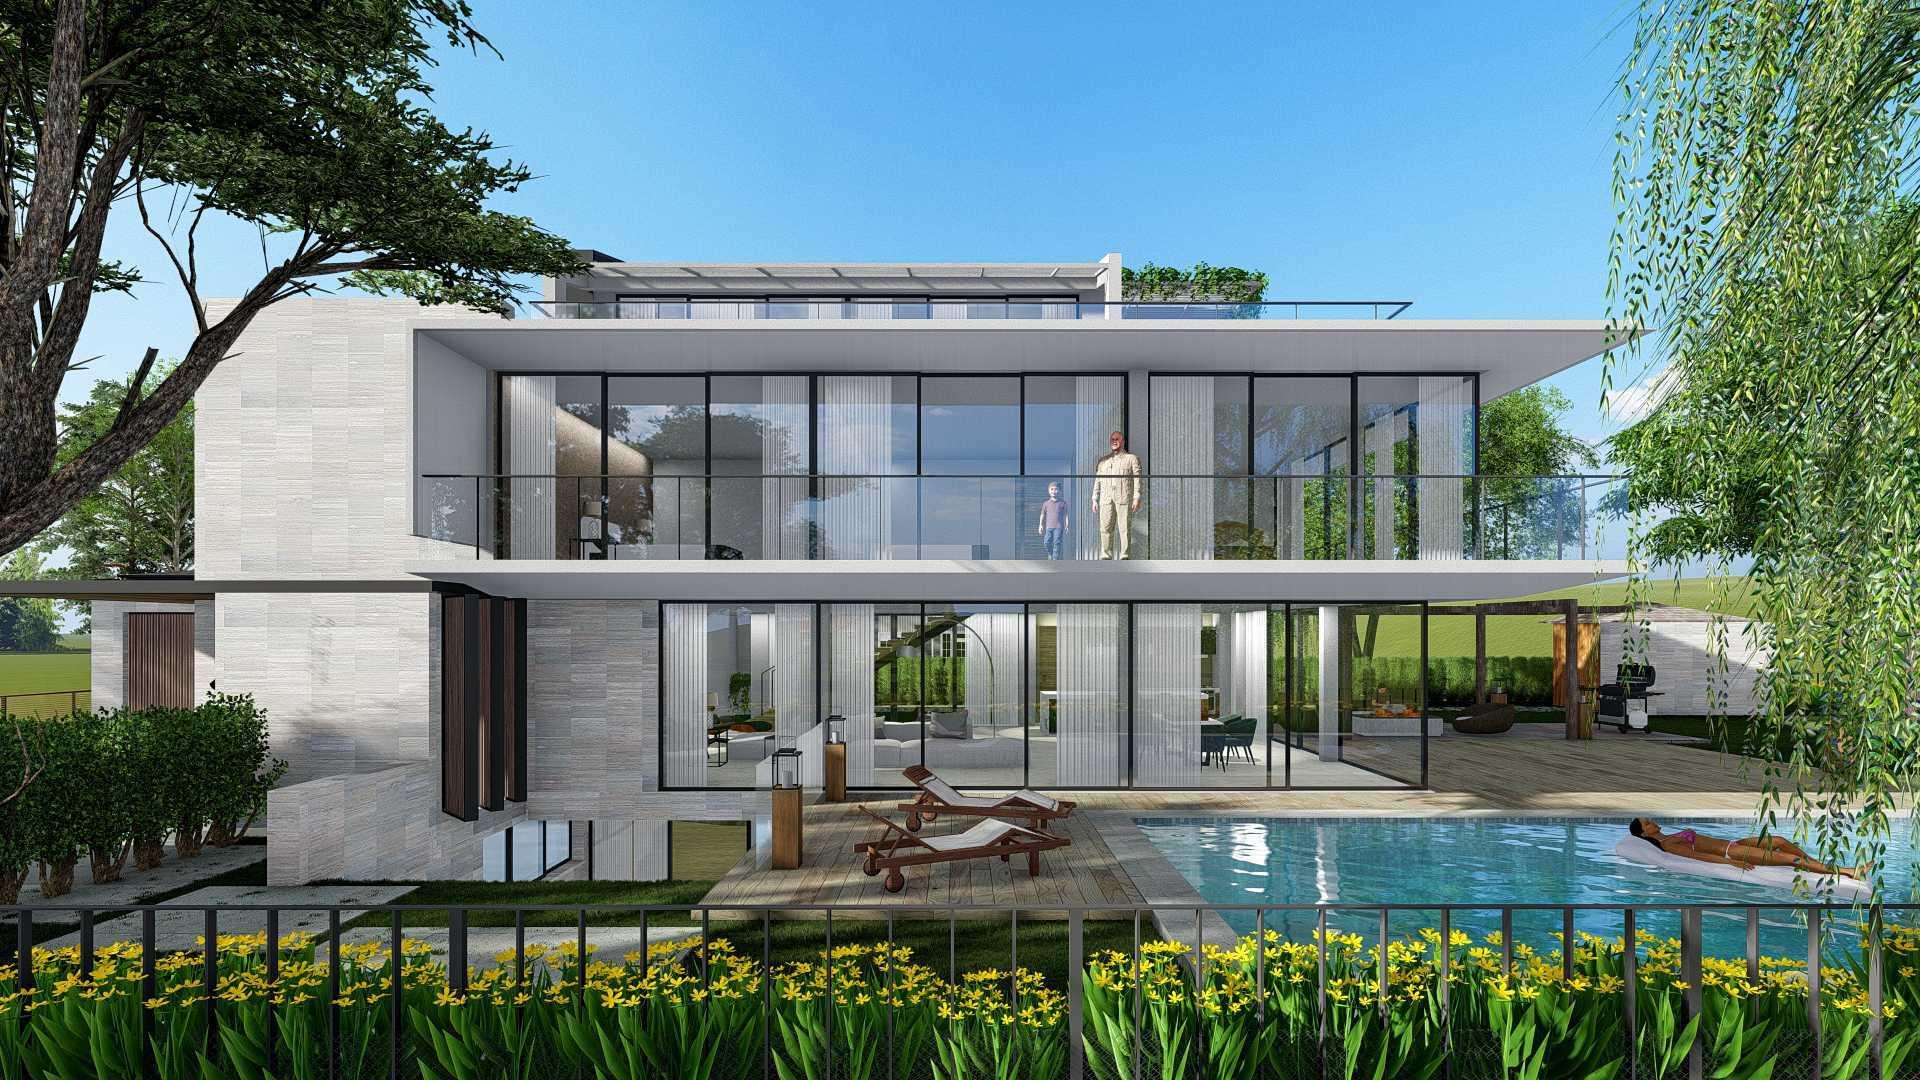 Bral Architect Alpen House In Germany 46519 Alpen, Jerman 46519 Alpen, Jerman Bral-Architect-Alpen-House-In-Germany   99878